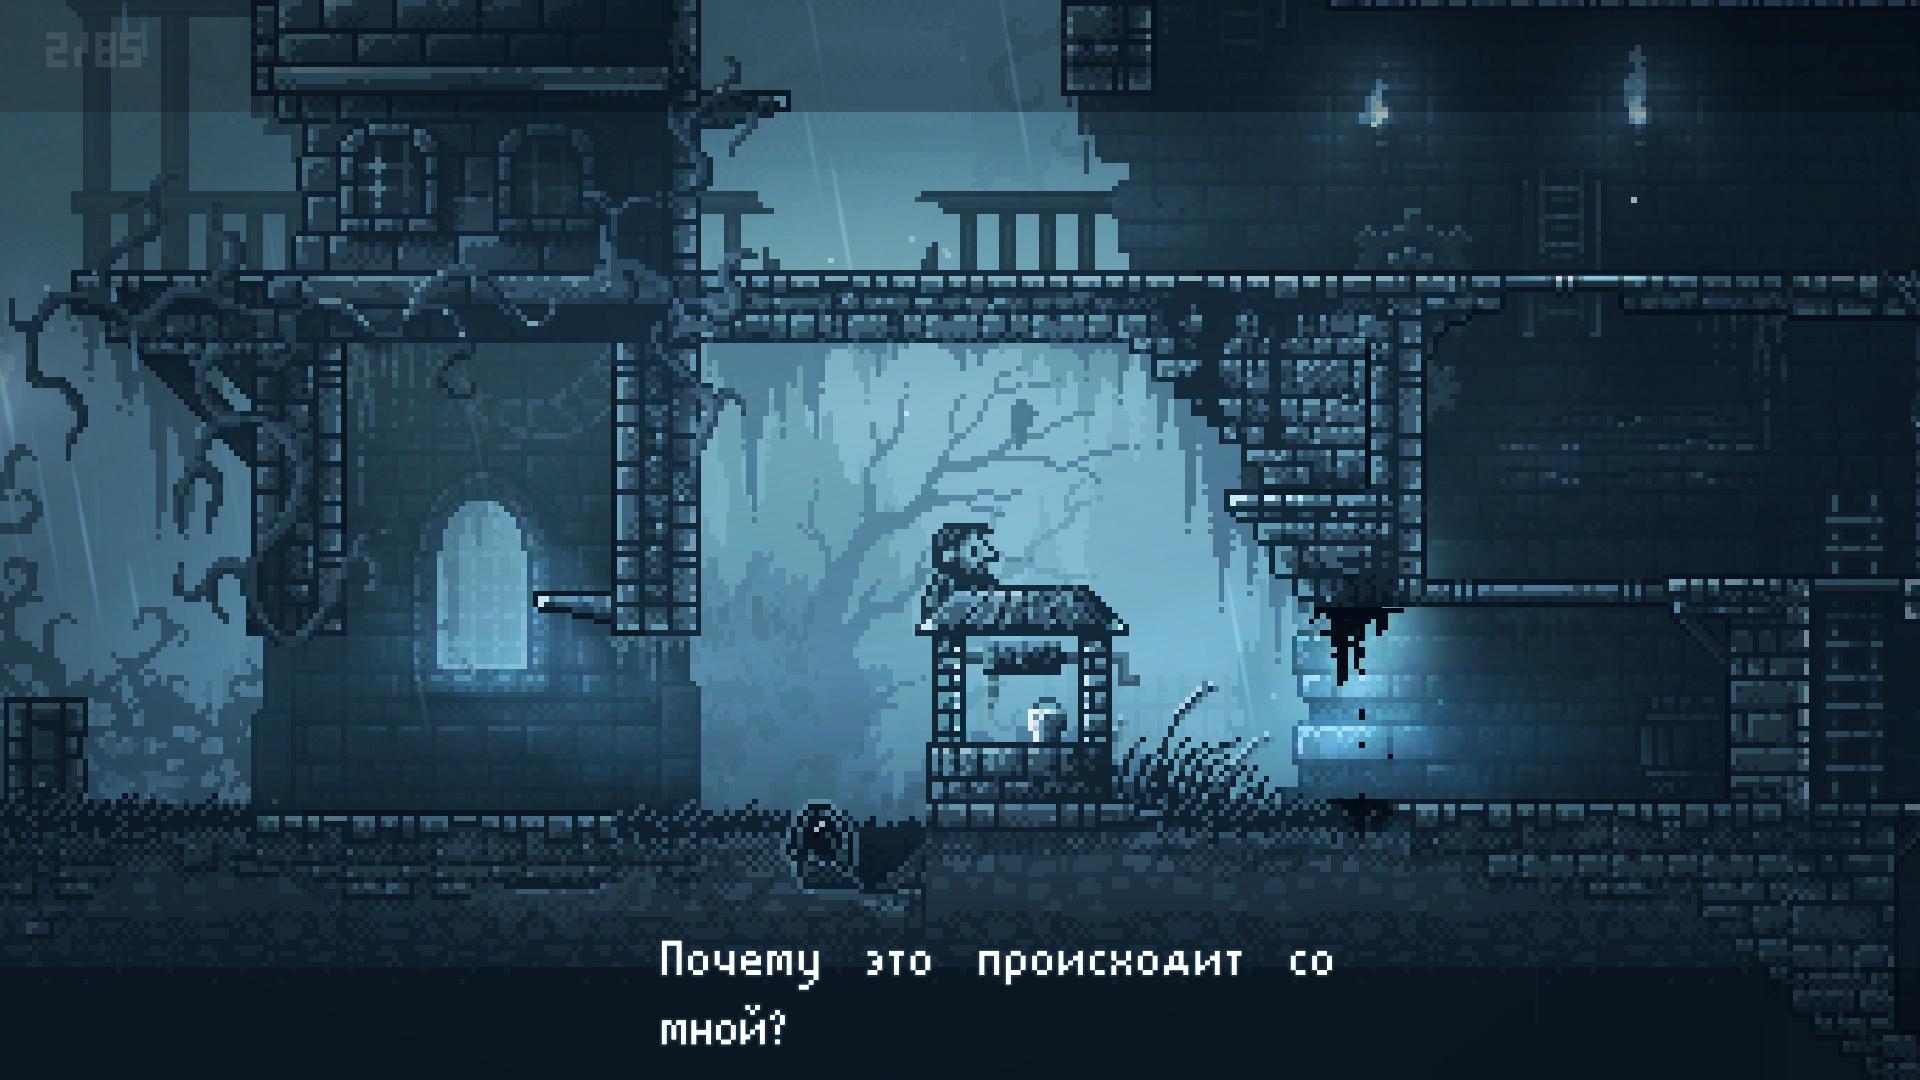 INMOST_Screenshot_11.jpg